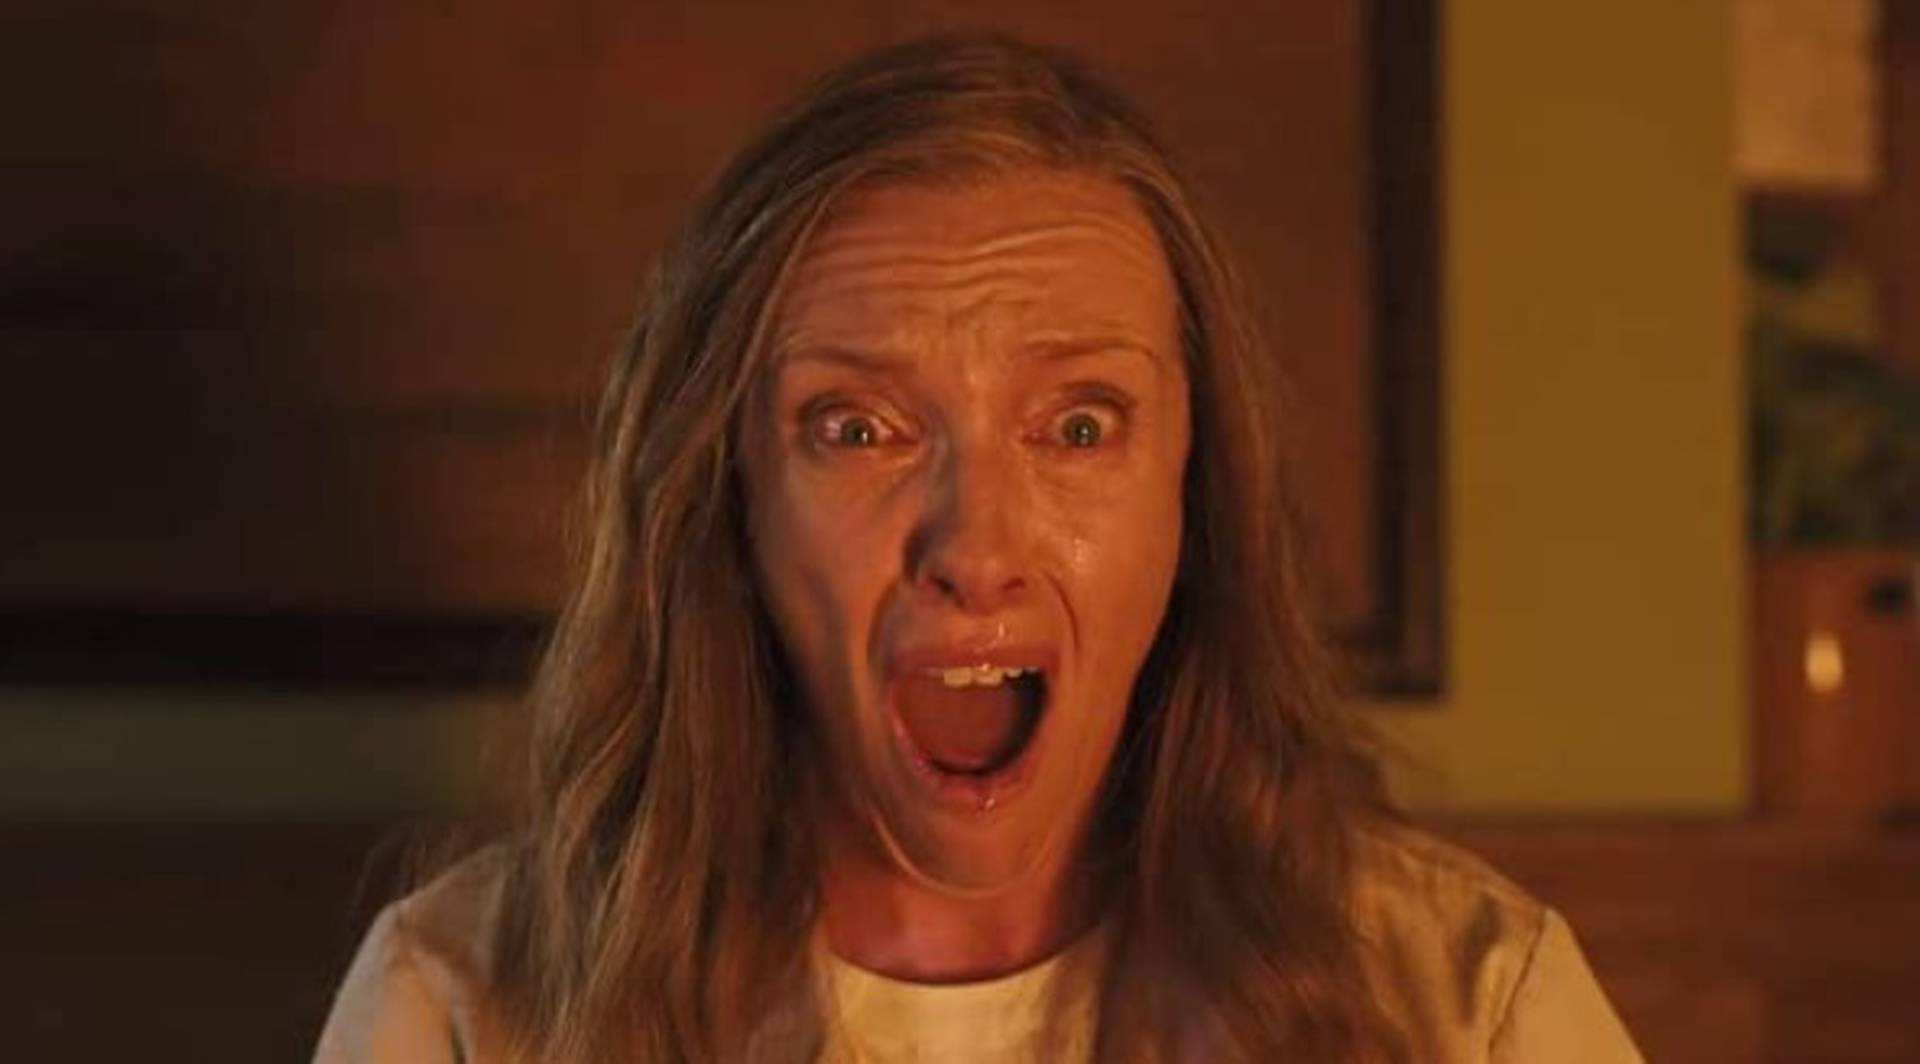 (VIDEO) SUDEĆI PO BROJU OTKUCAJA SRCA GLEDATELJA: Najstrašniji horor svih vremena je film  'Naslijeđeno zlo' iz 2018. godine!